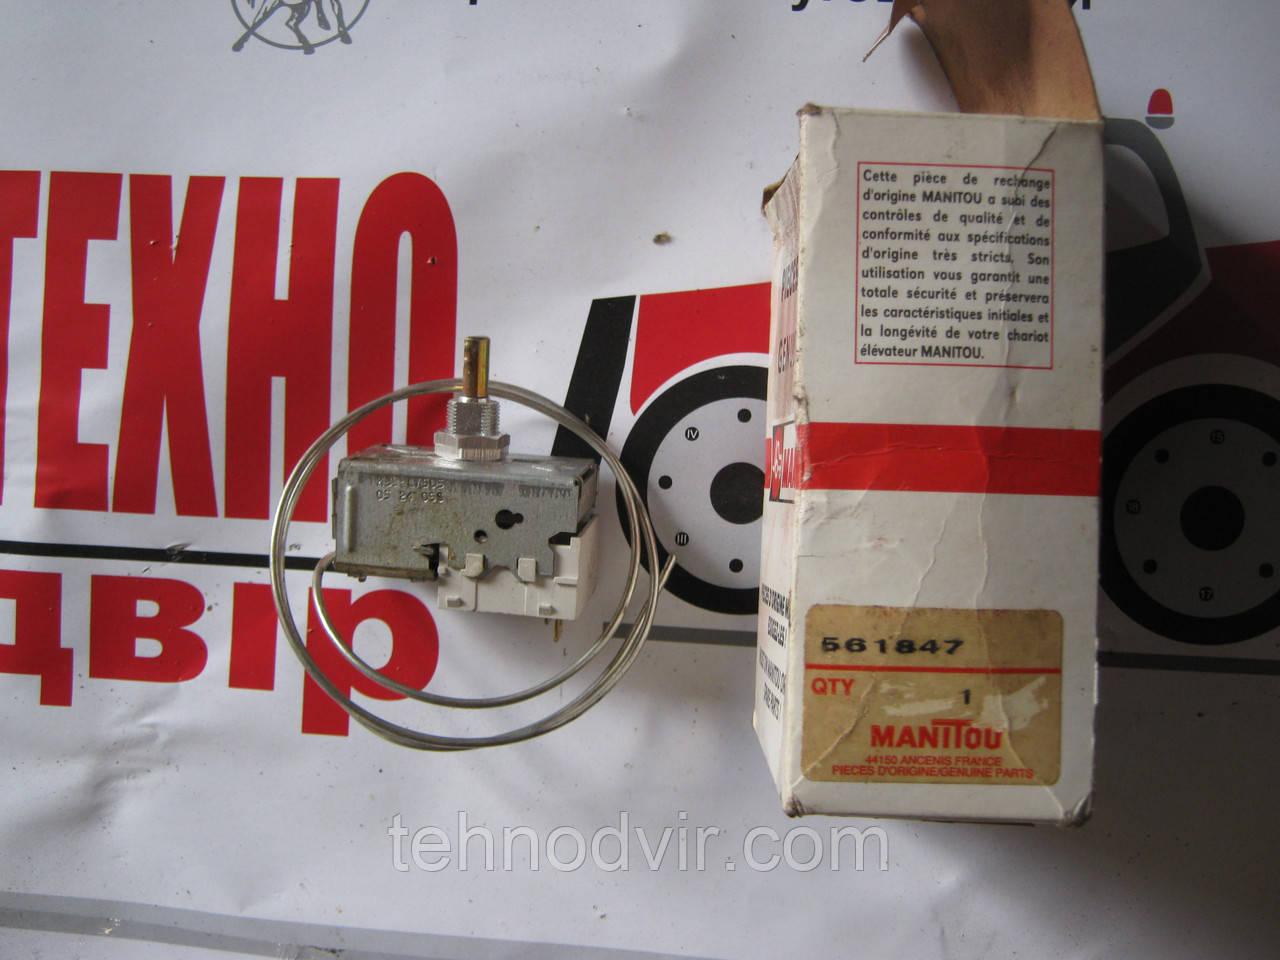 561847 - термостат кондіціонера Manitou